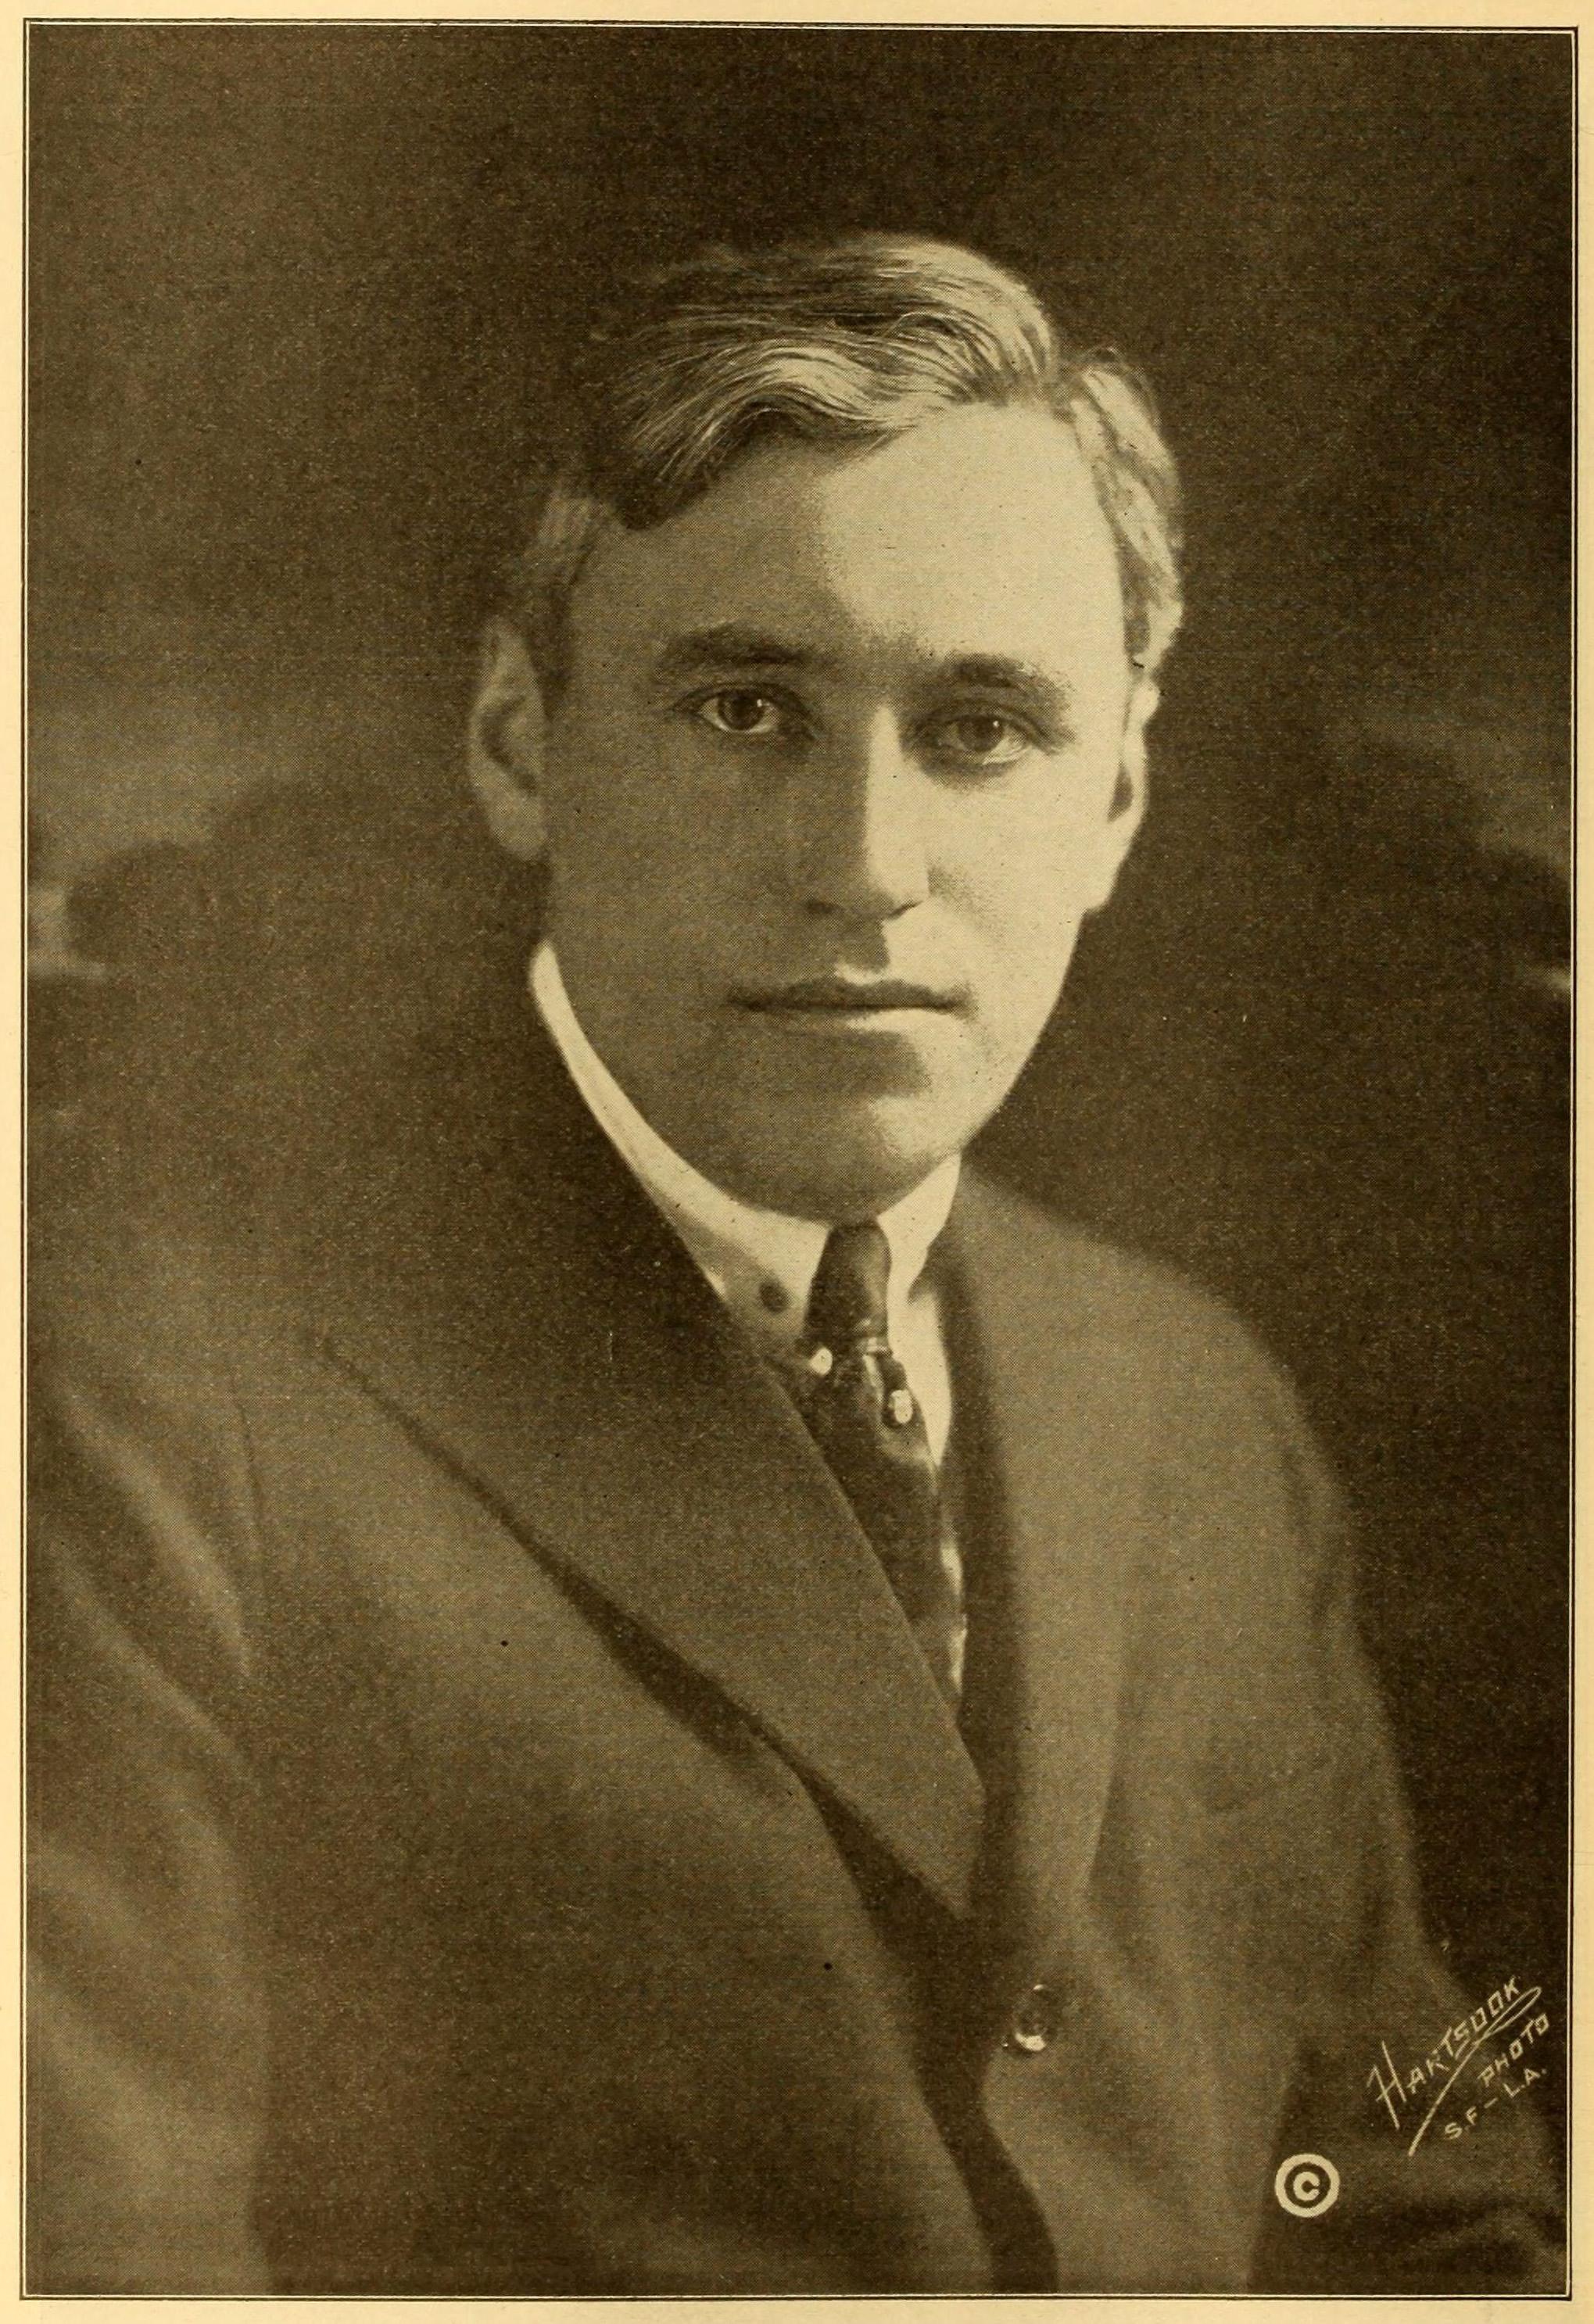 Mack_Sennett_1916